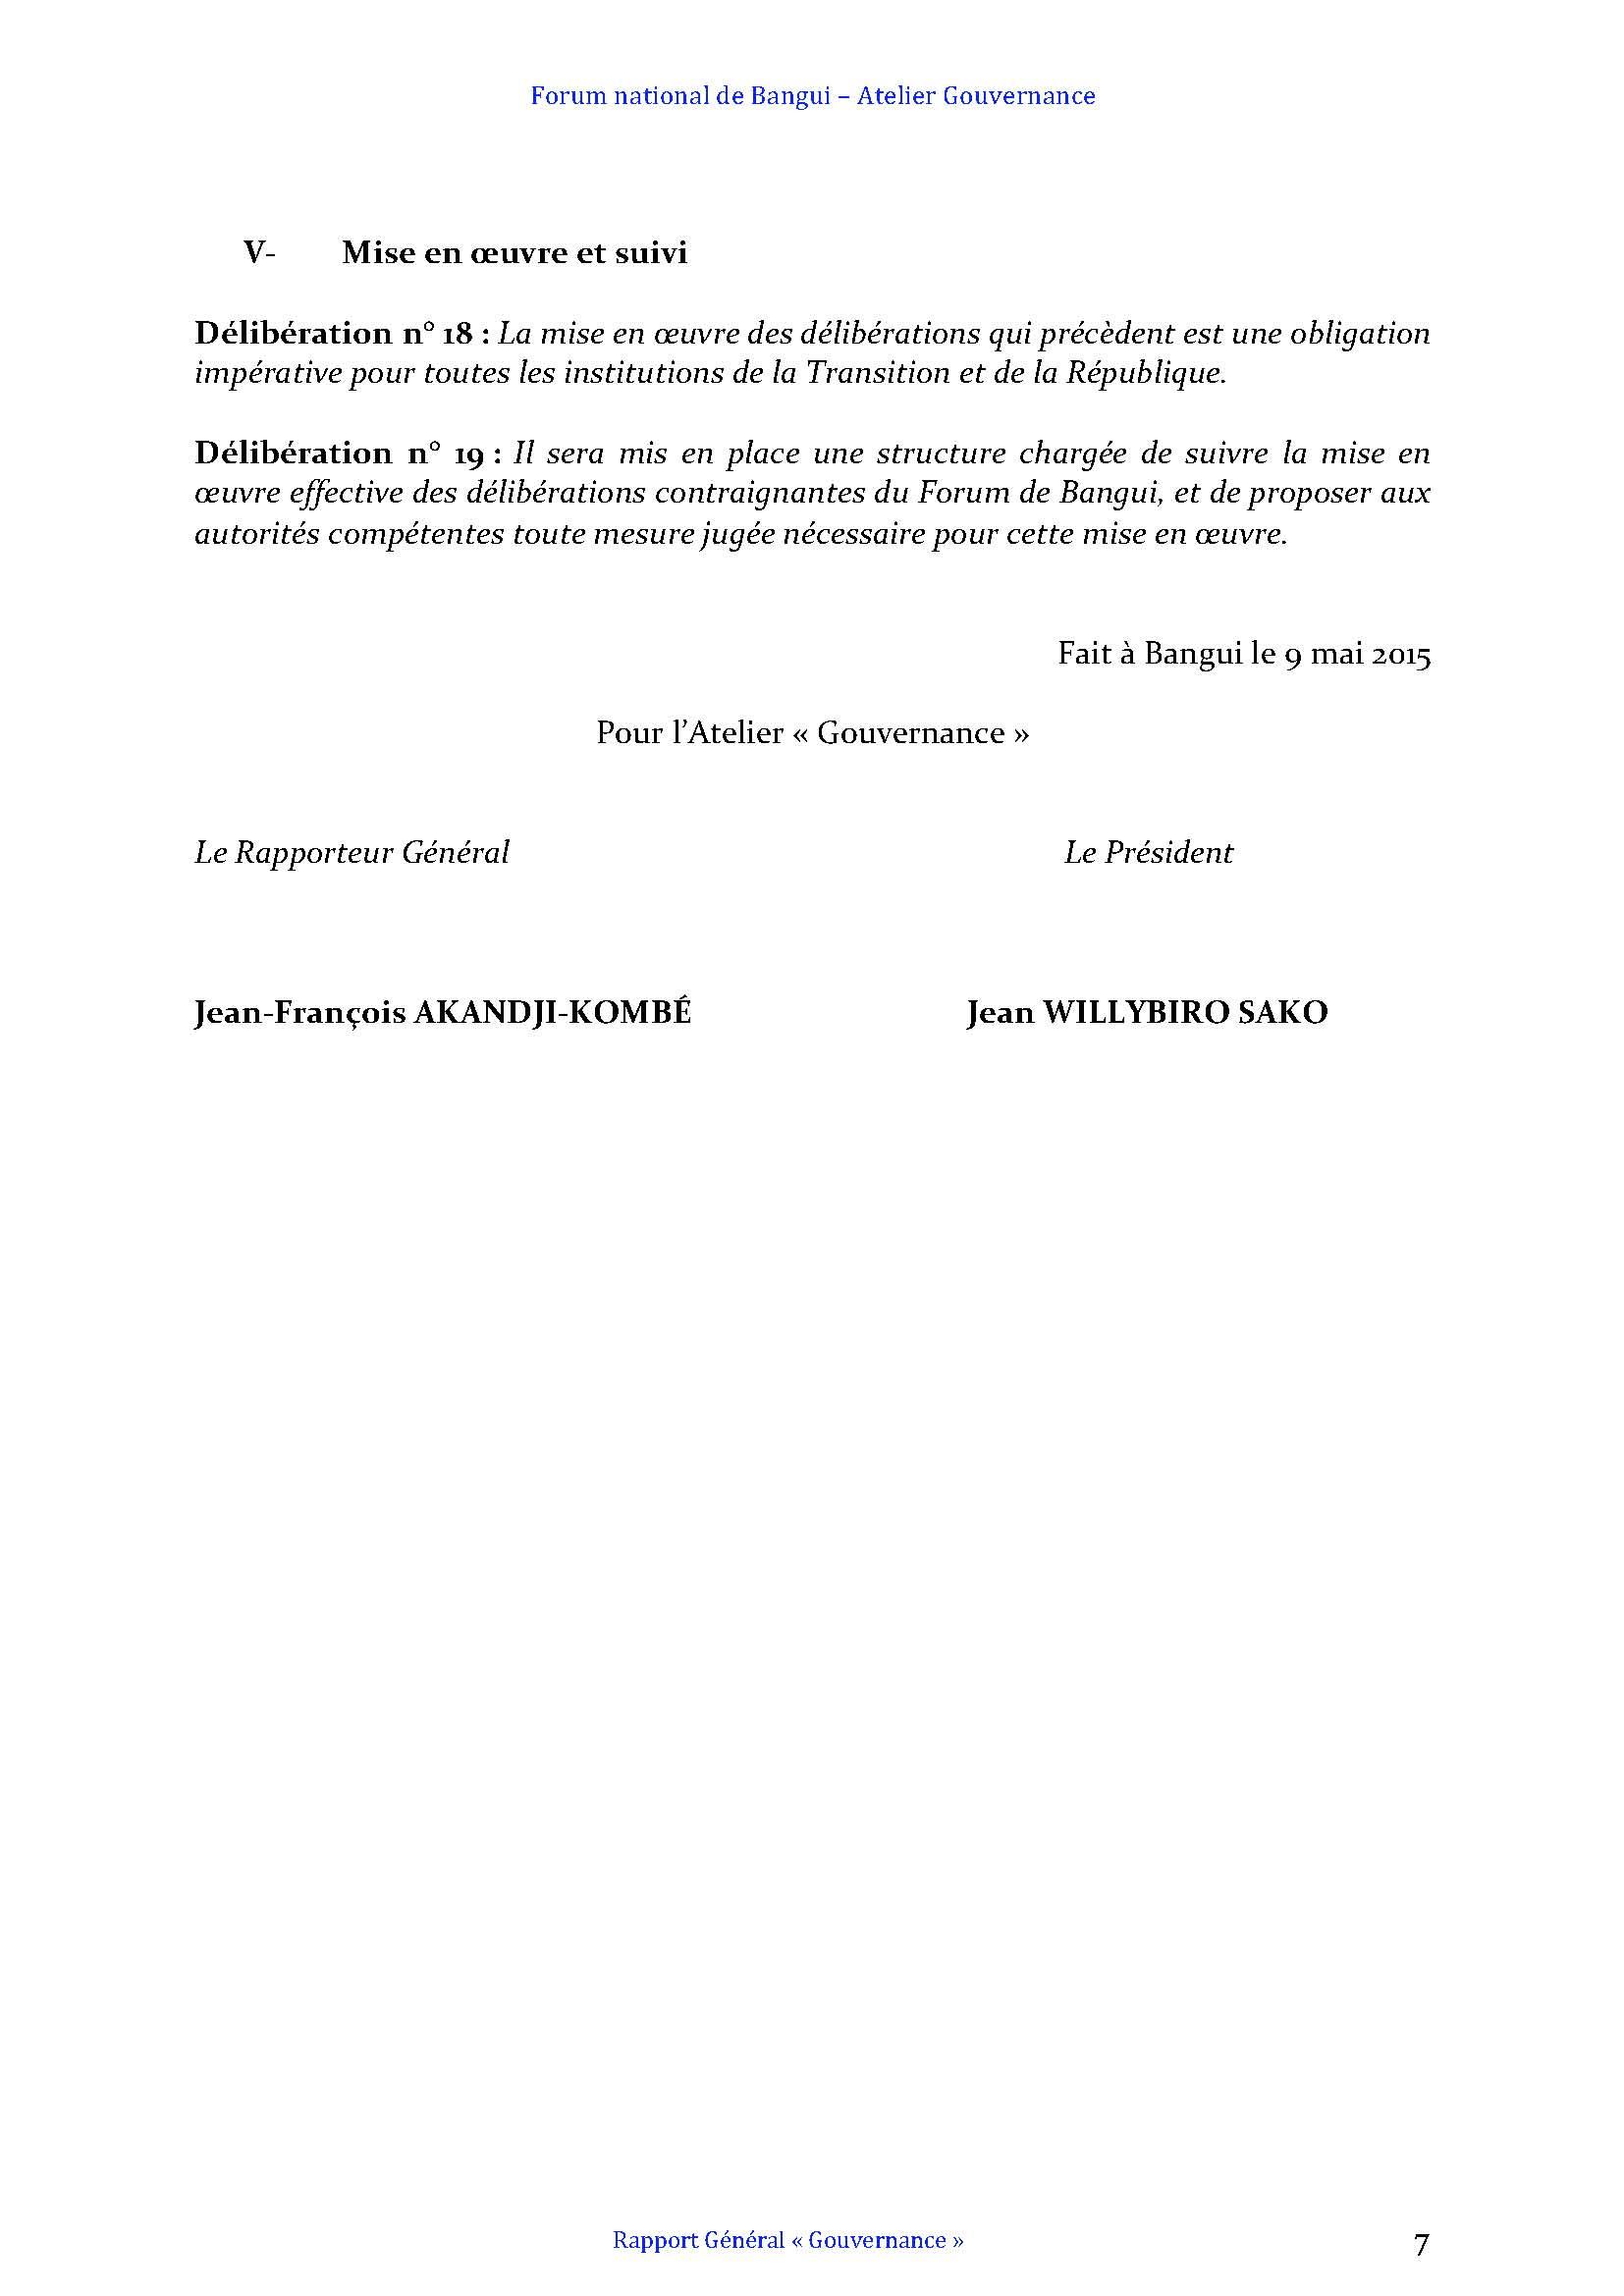 FORUM DE BANGUI- COMMISSION GOUVERNANCE - RAPPORT FINAL AMENDÉ APRÈS PLÉNIÈRE_Page_7